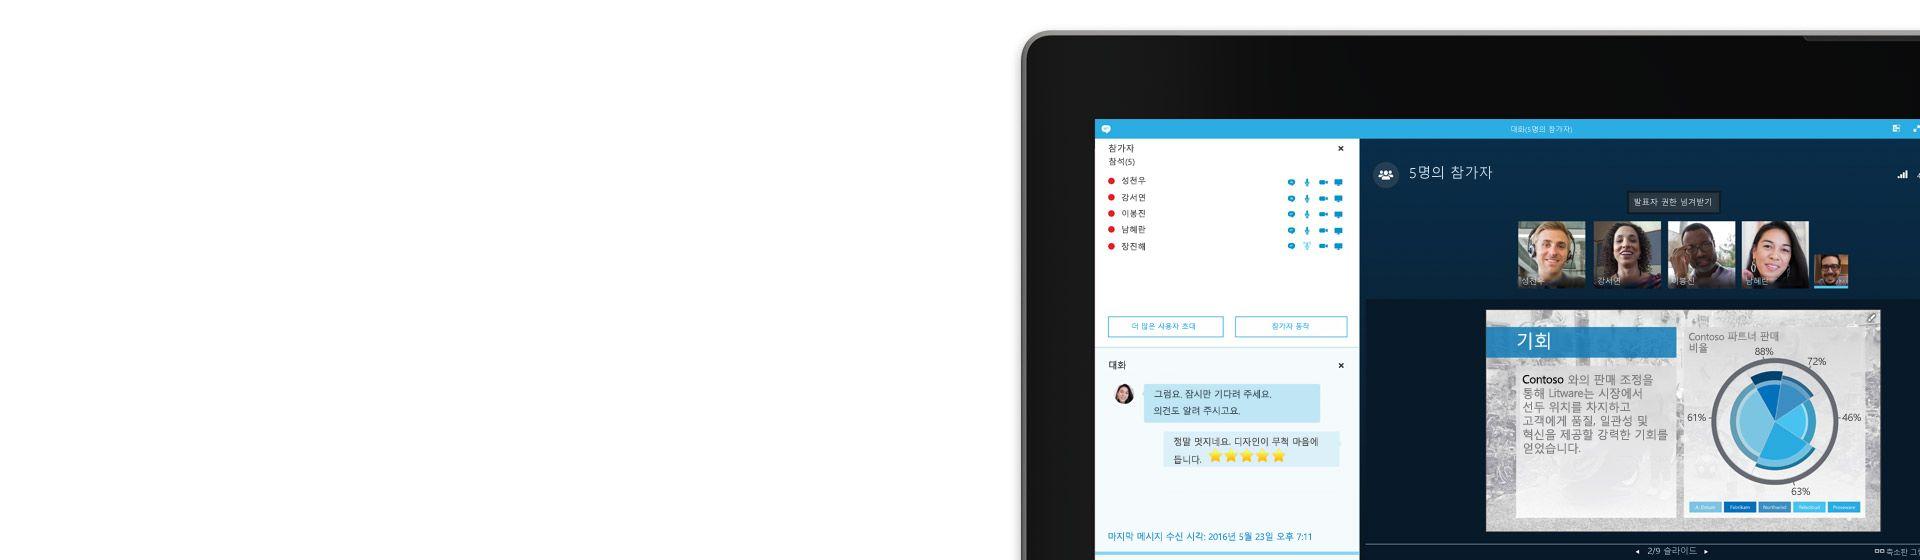 진행 중인 비즈니스용 Skype 모임이 참가자 목록 이미지와 함께 표시된 노트북 화면 모서리